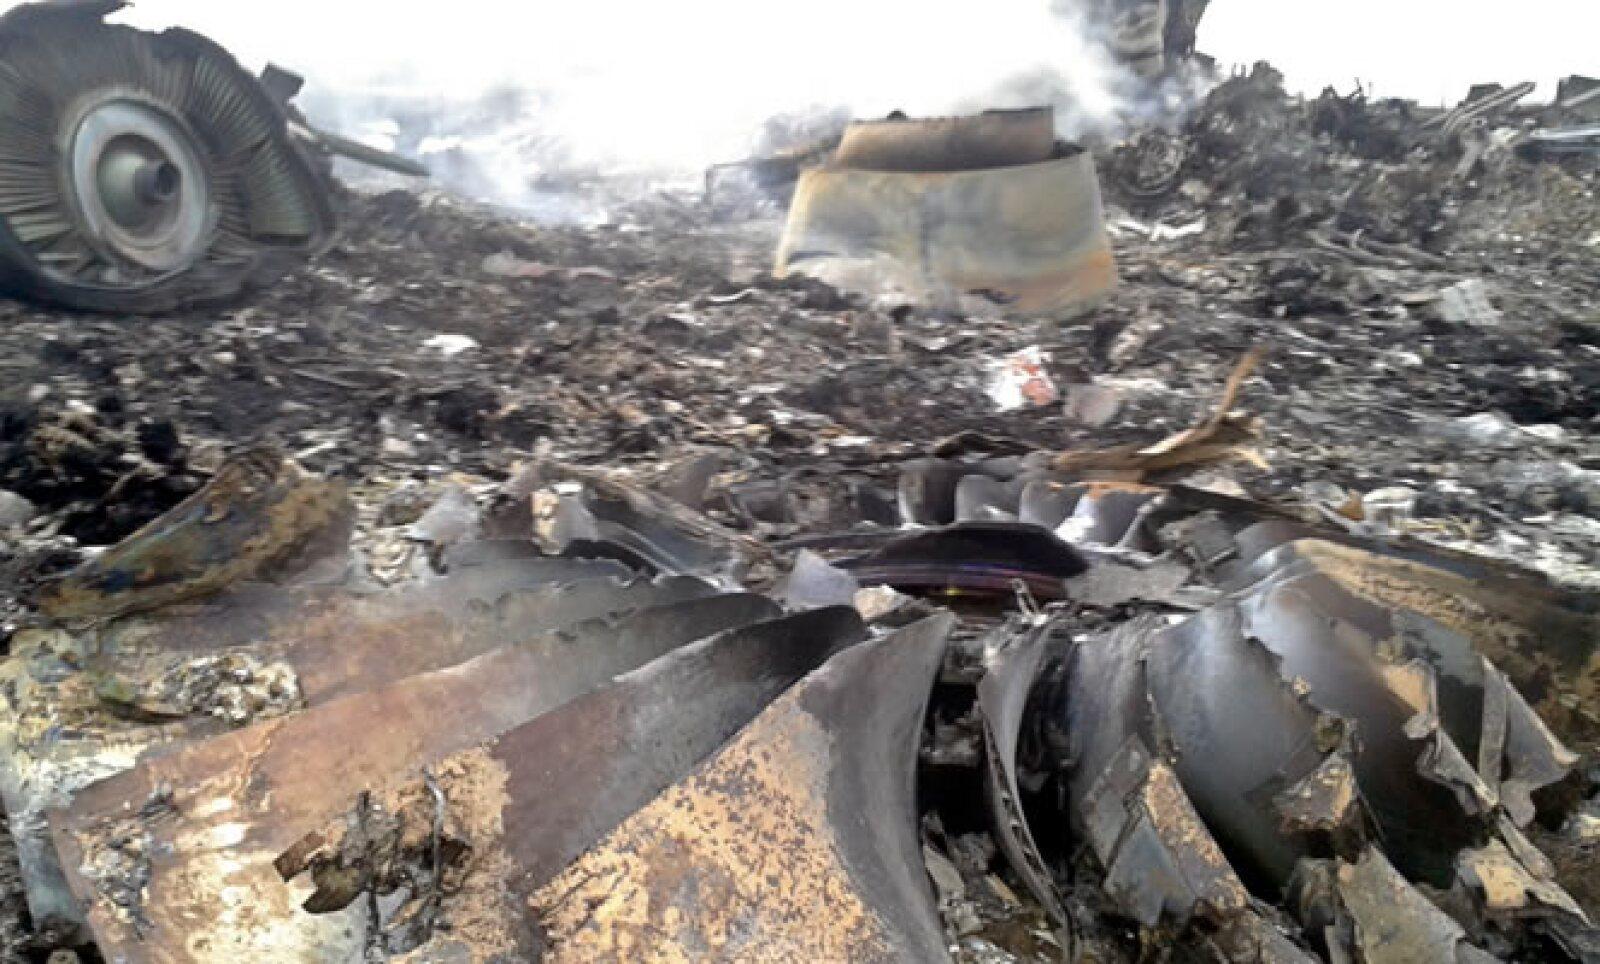 El avión estaba volando sobre un área en conflicto, por lo que una estrecha comunicación con los controladores aéreos era clave, señalaron expertos de CNN.